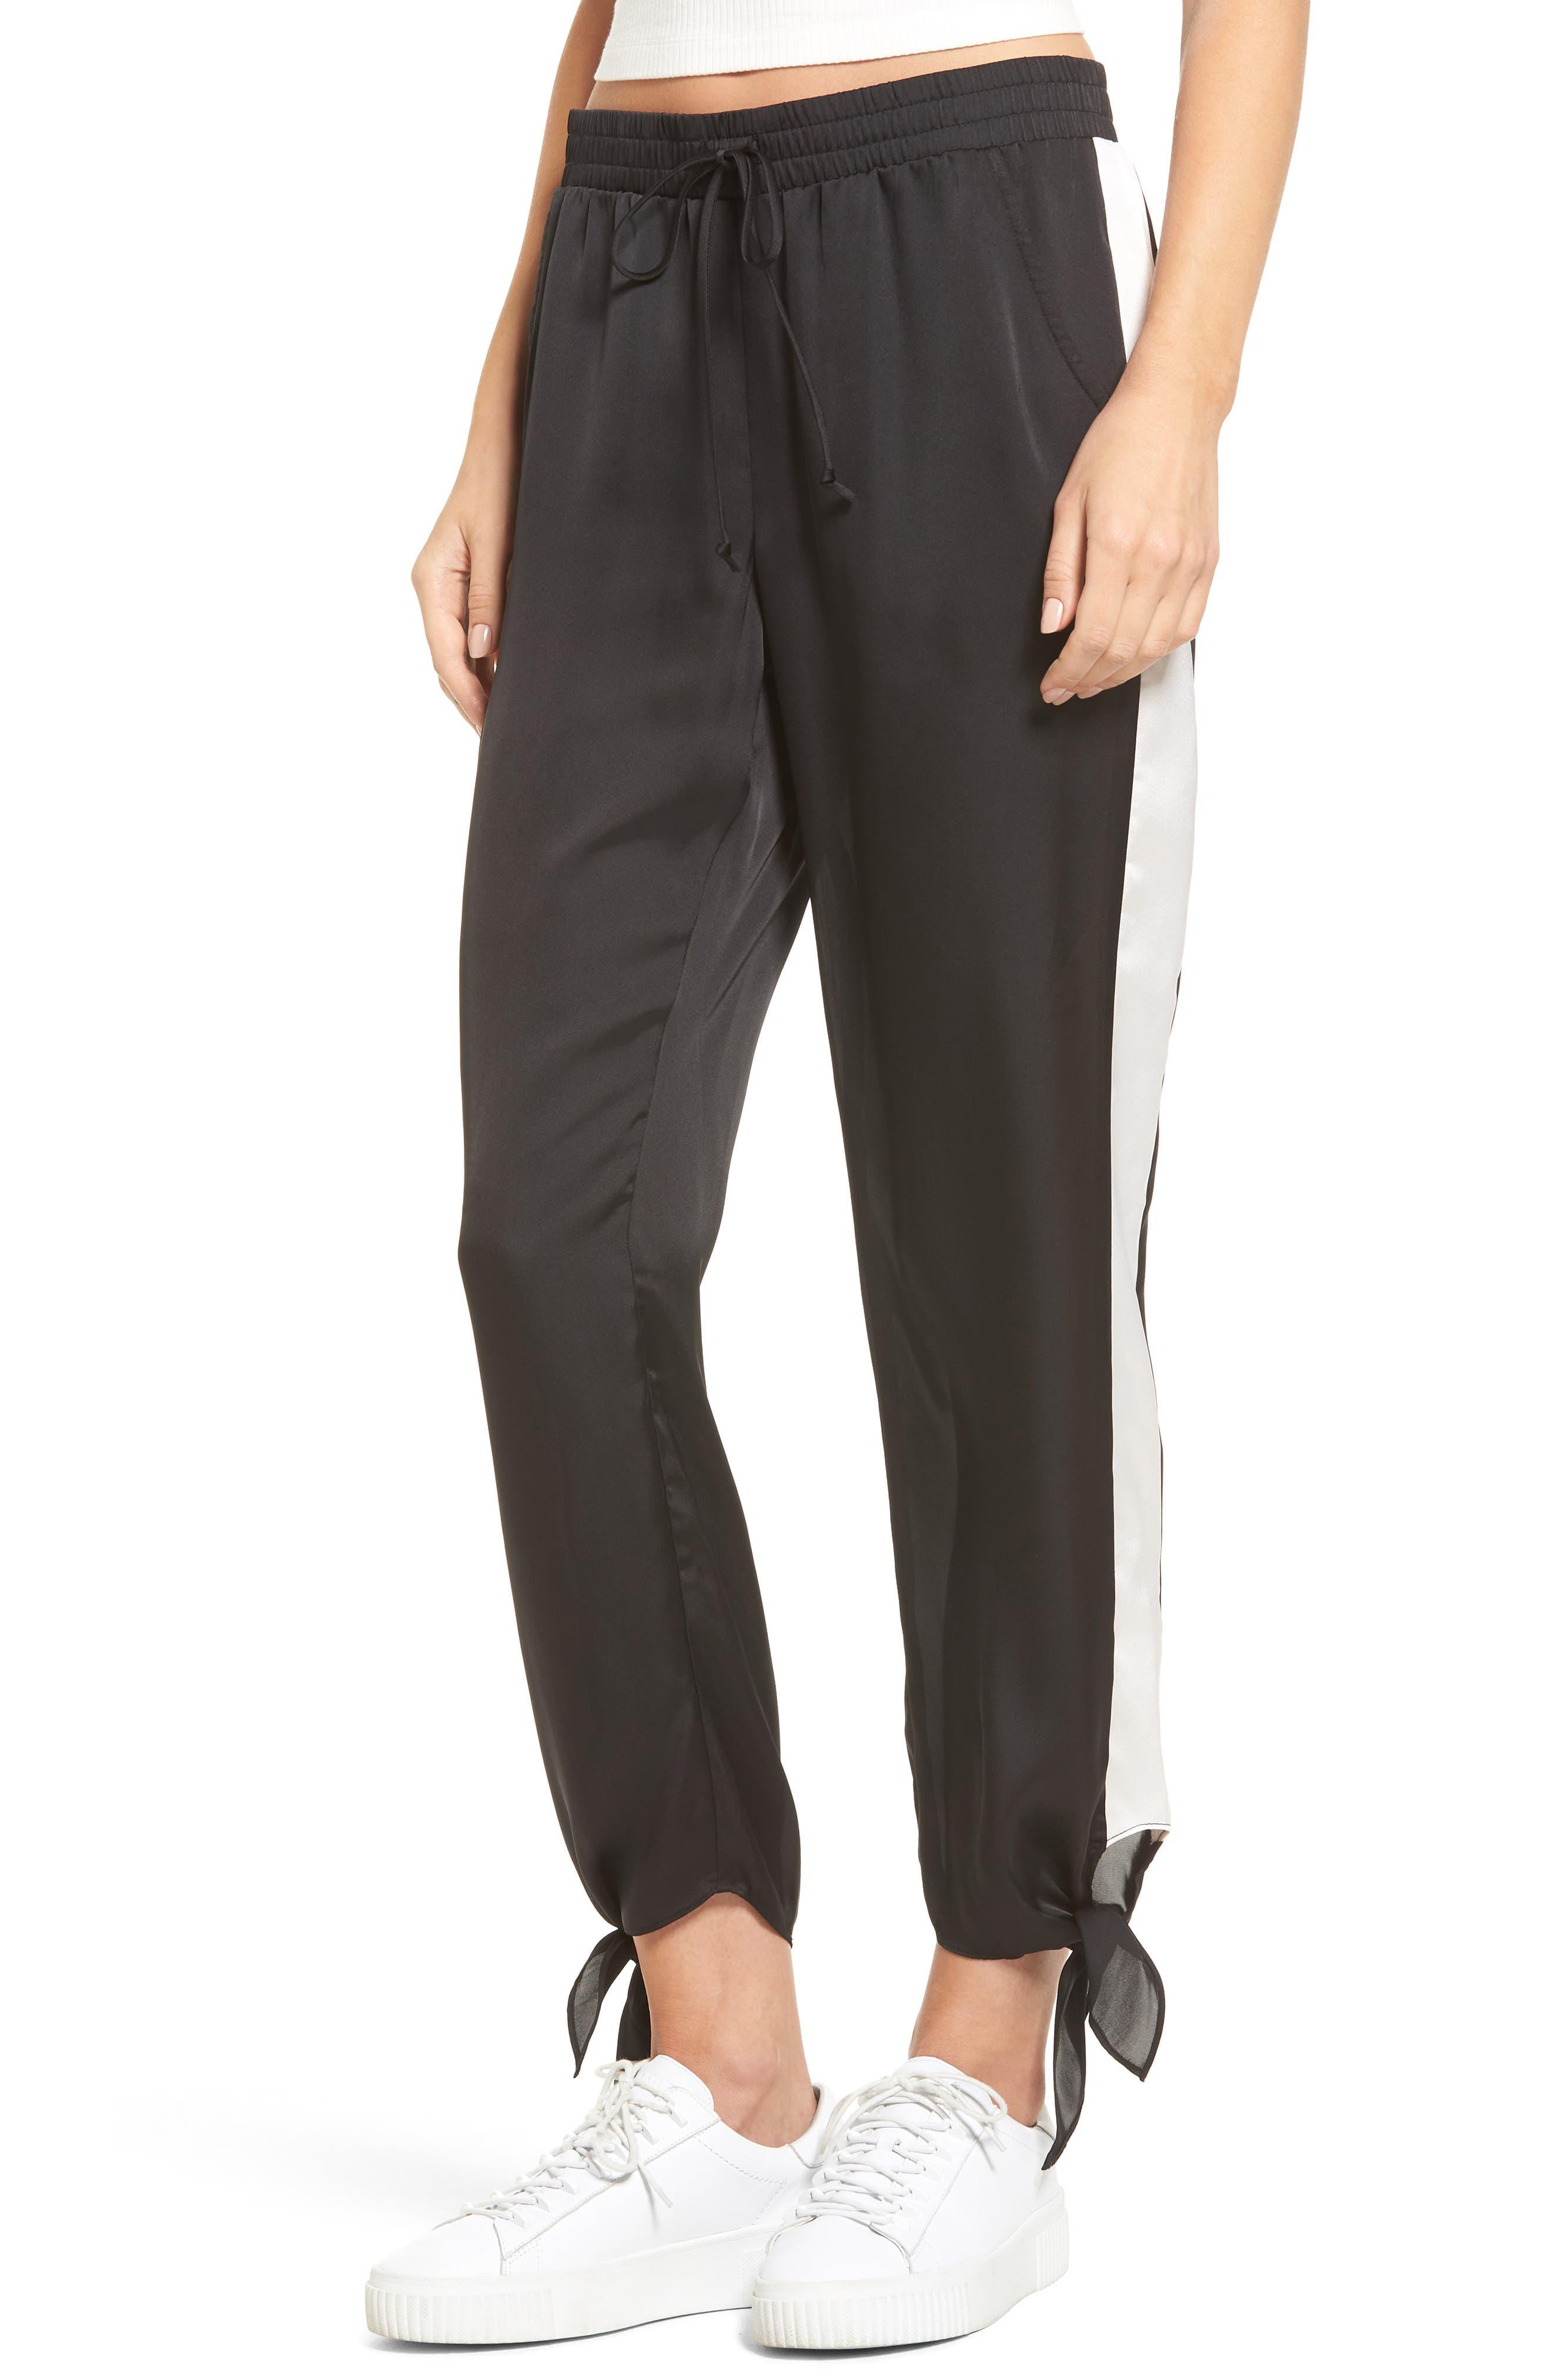 Ankle Tie Track Pants,                         Main,                         color, Black